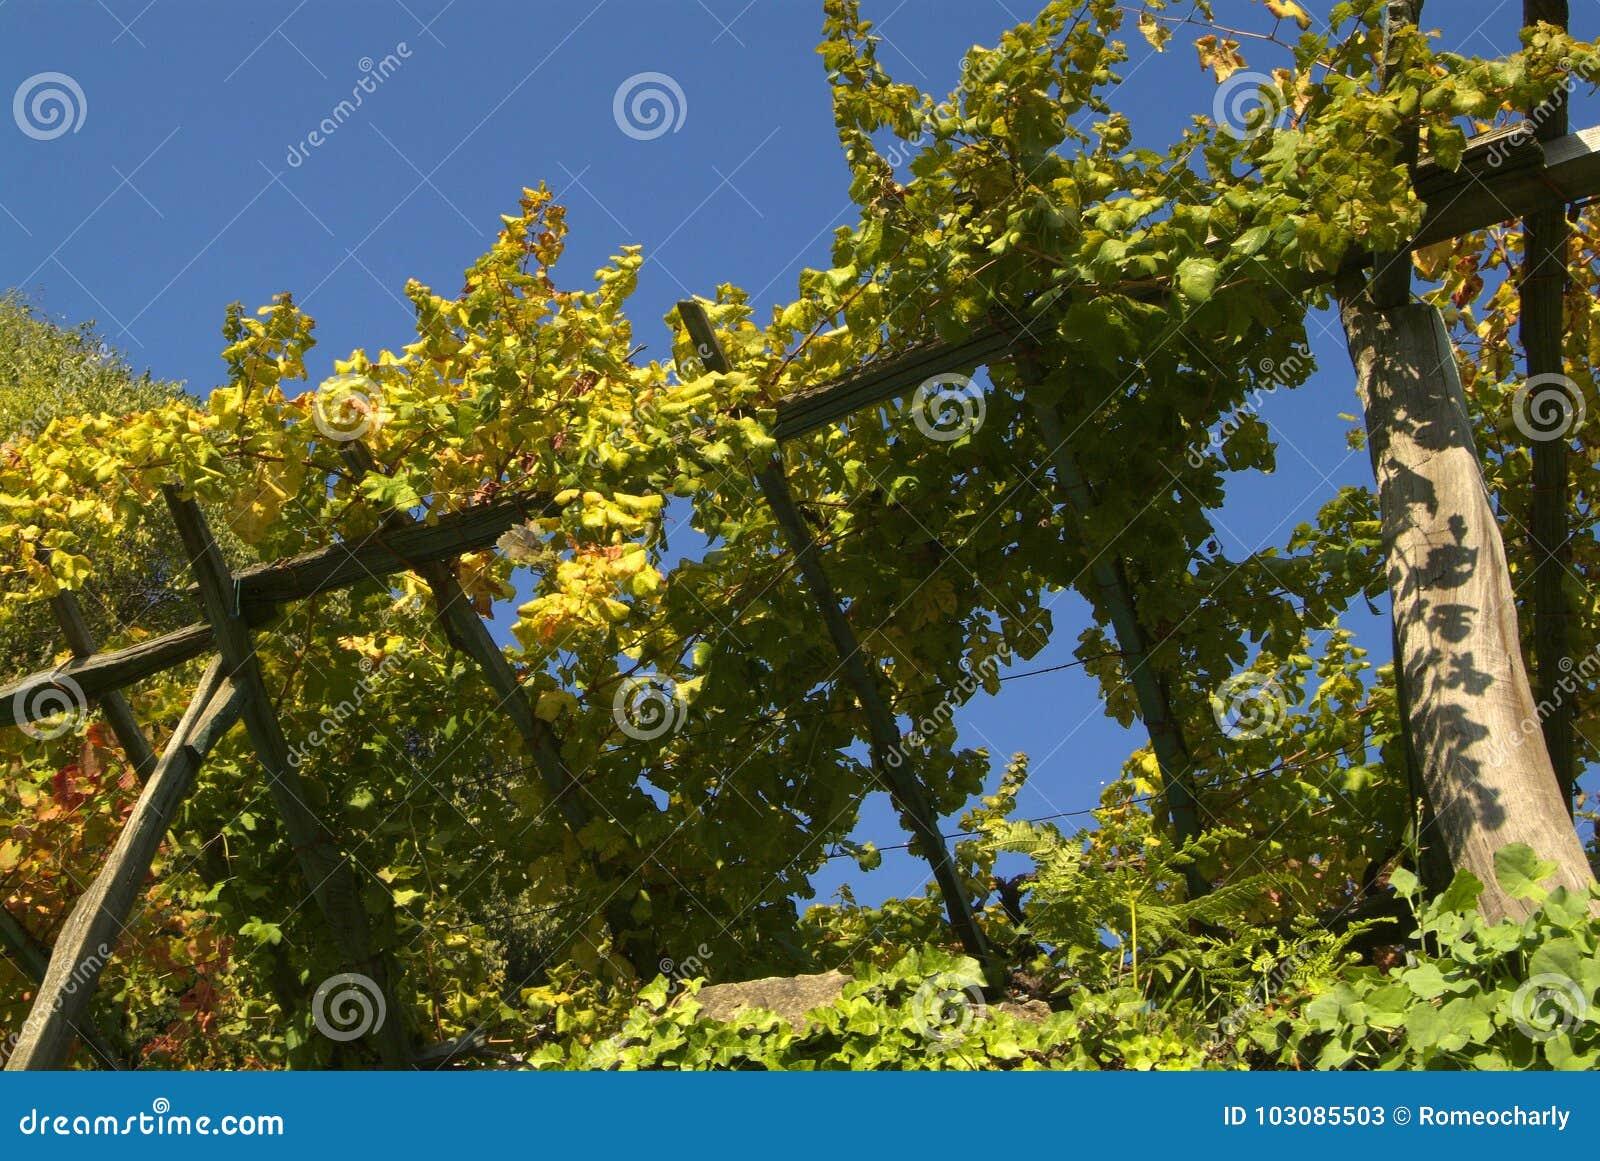 Vigne di Canavese - vicino al piccolo villaggio Cesnola, Italia